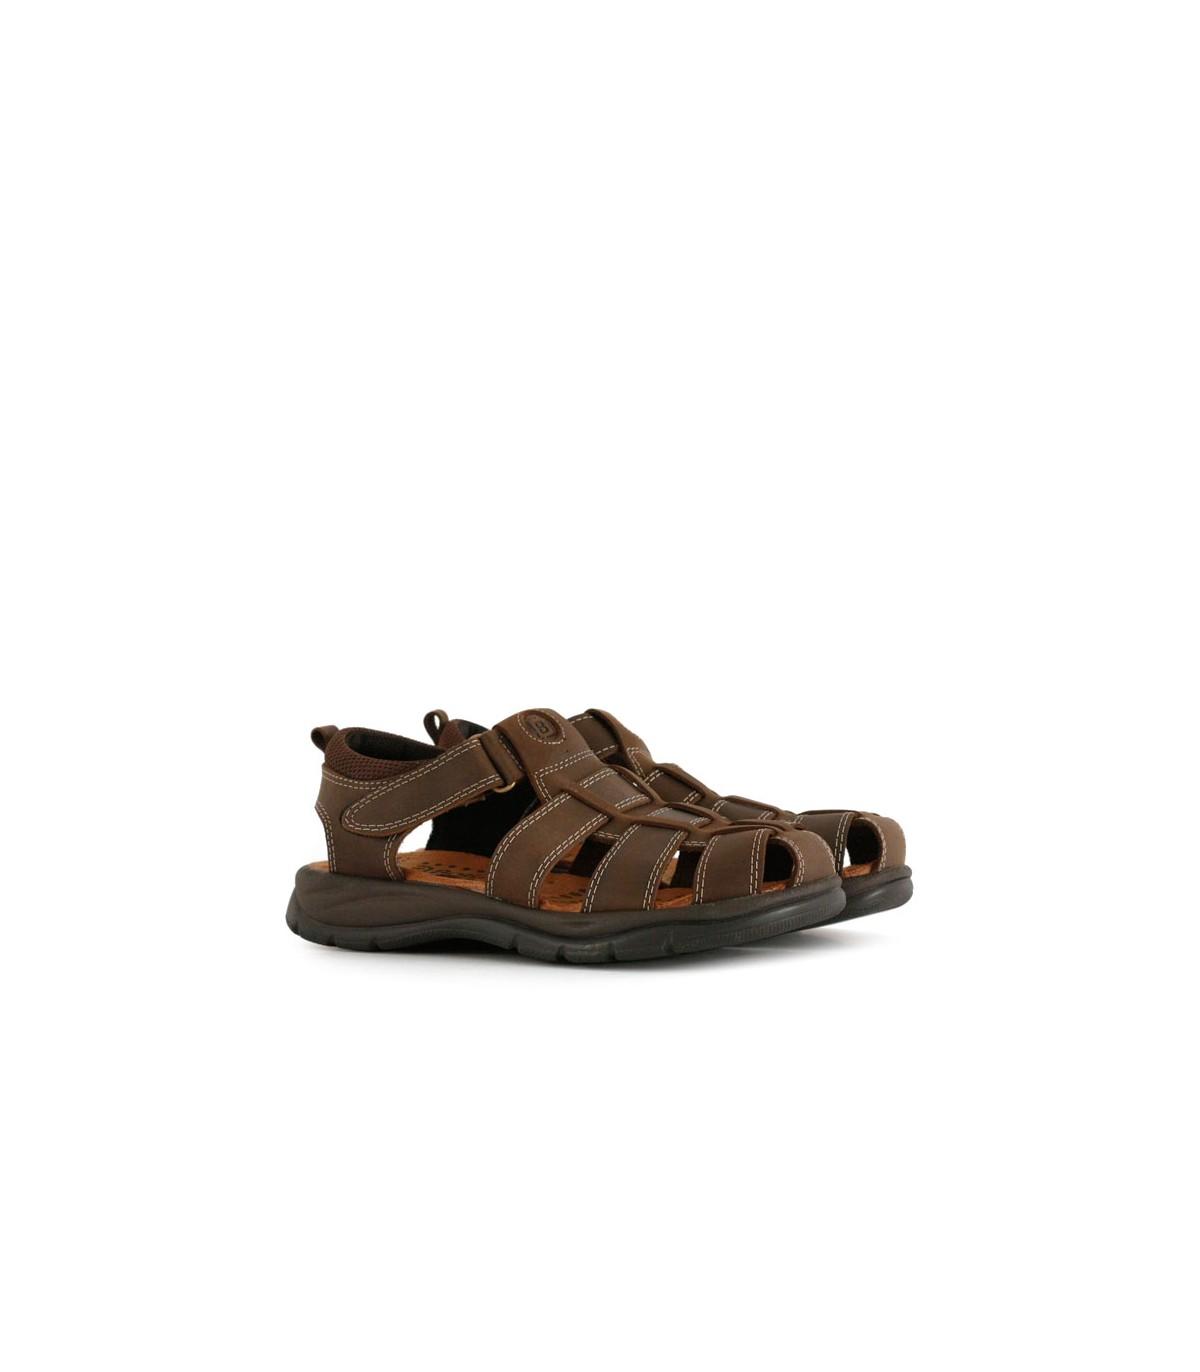 mejor sitio al por mayor unos dias Sandalias de cuero-sandalias de hombre-calzadosbatistella.com.ar